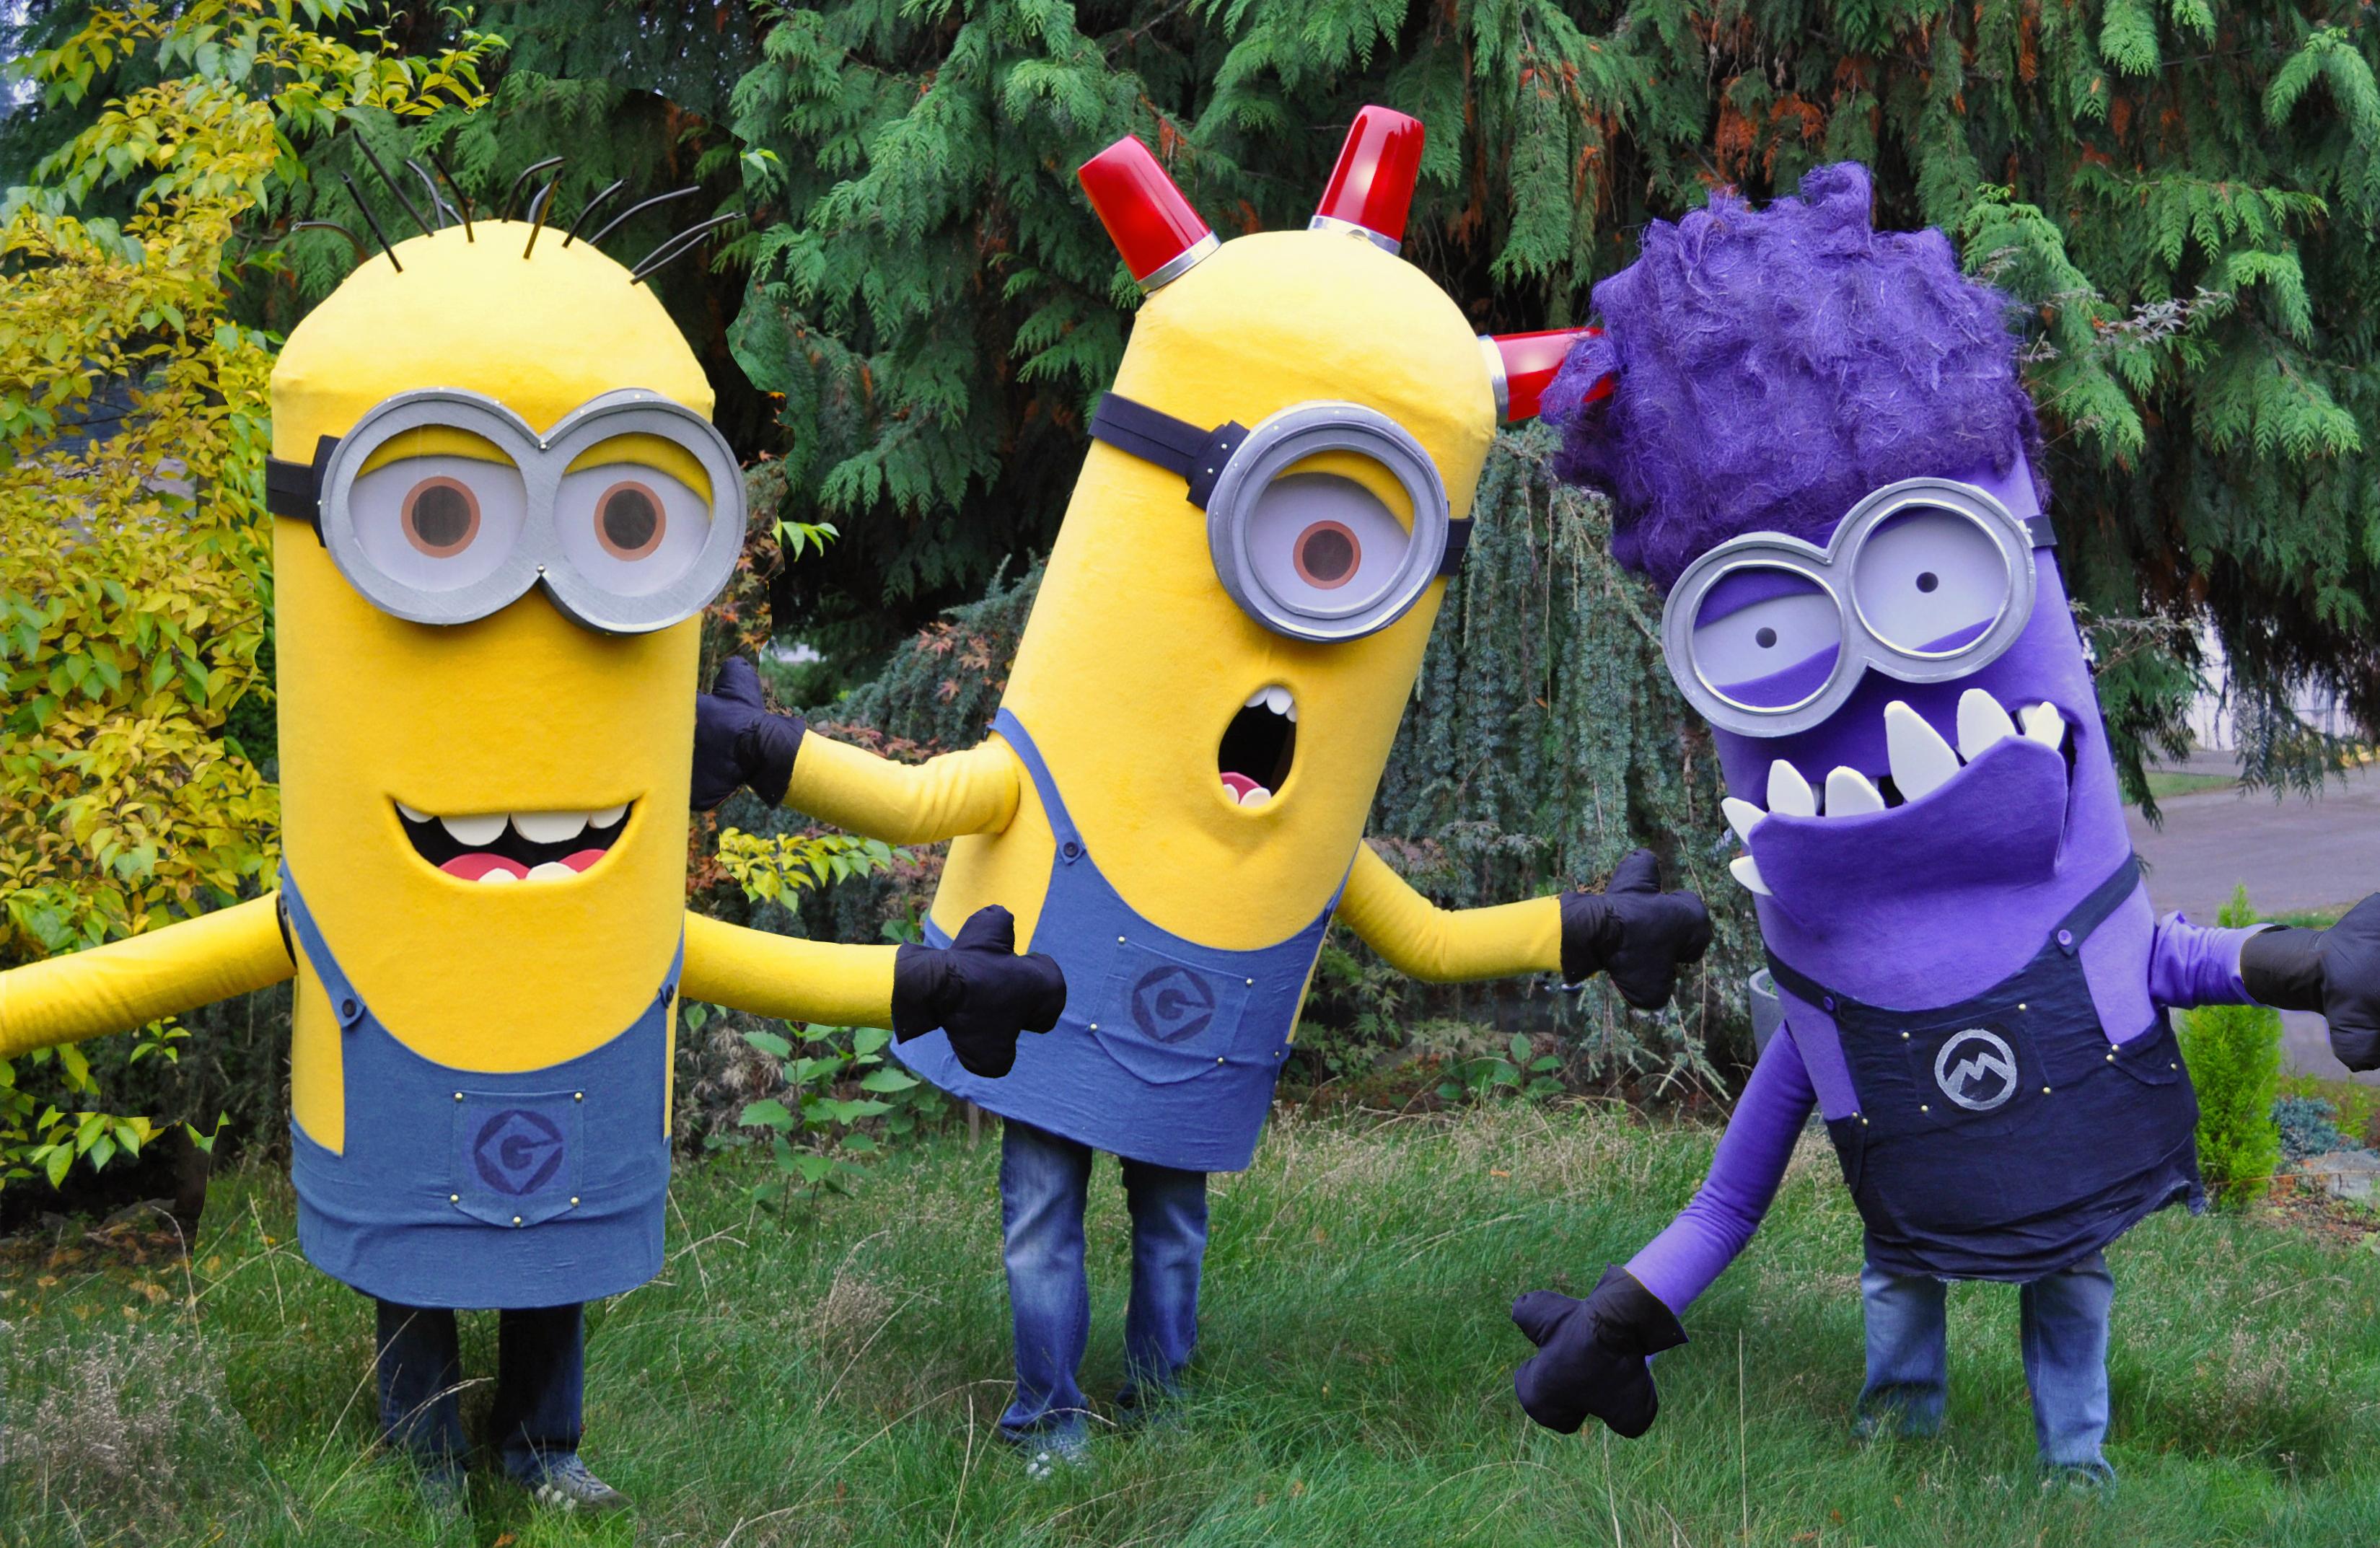 Trio of Minion Costumes (Despicable Me)